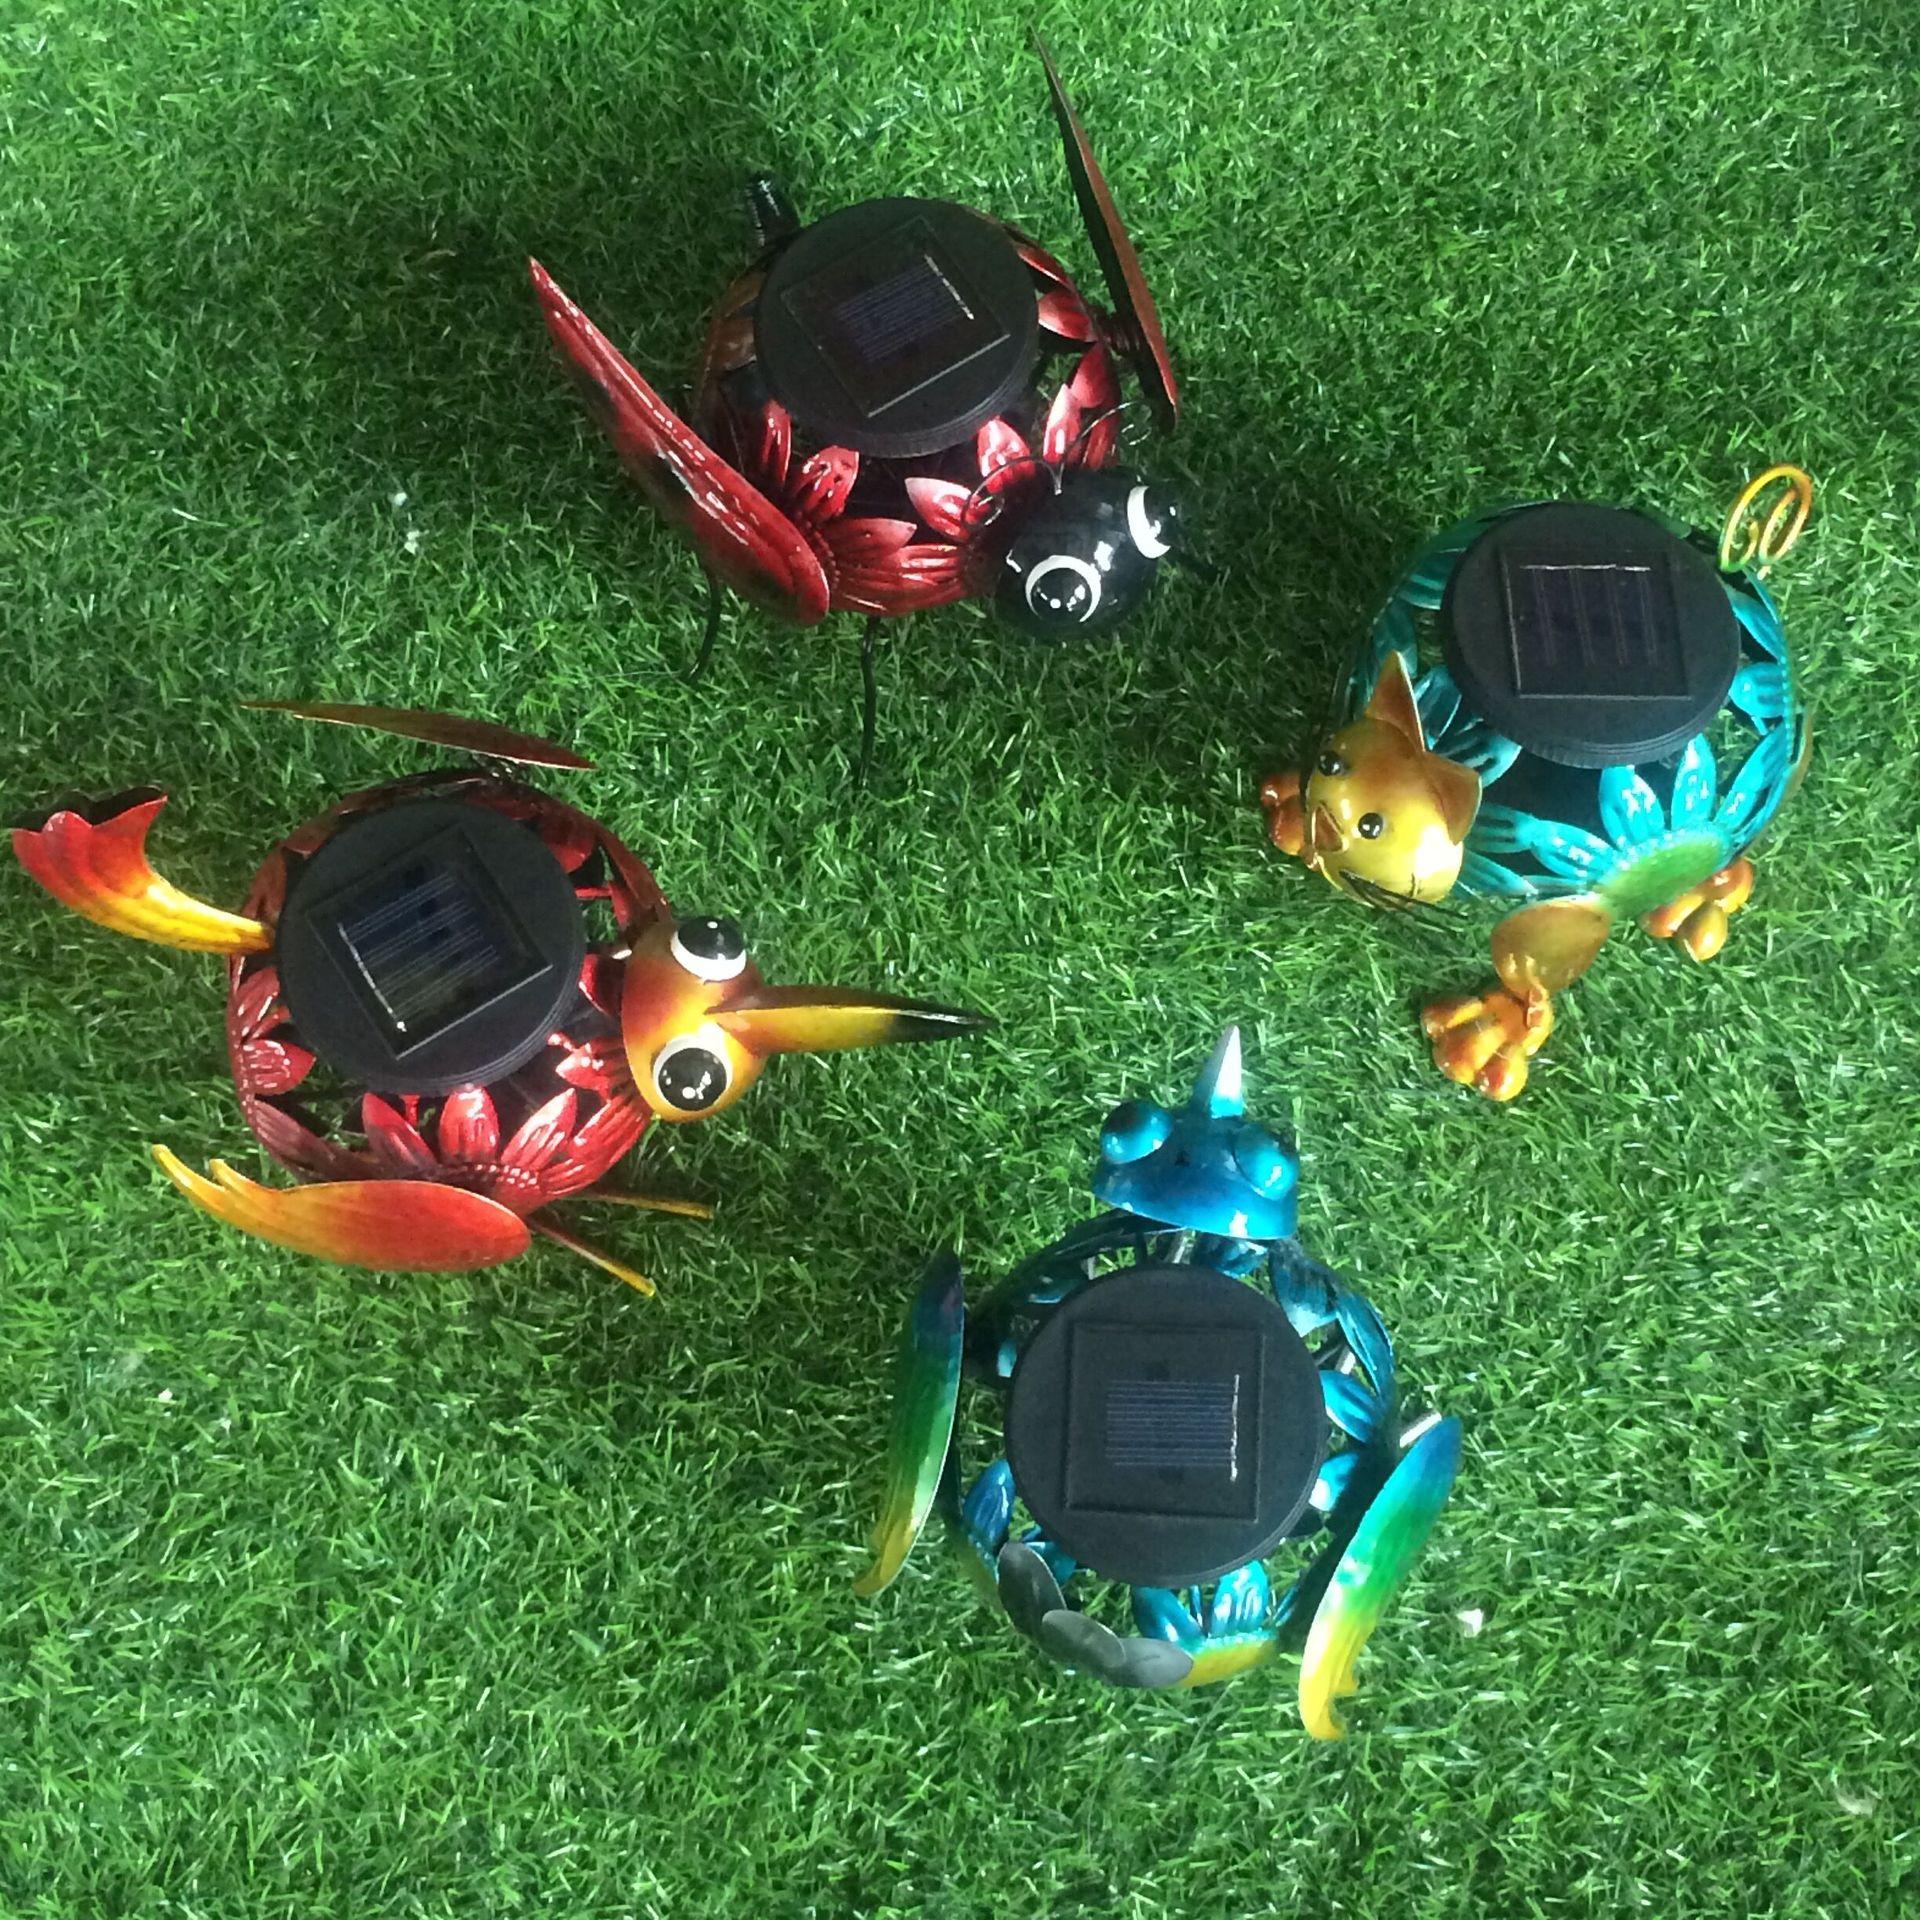 厂家直销铁艺太阳能草坪灯各种创意造型铁艺动物铁艺造型灯